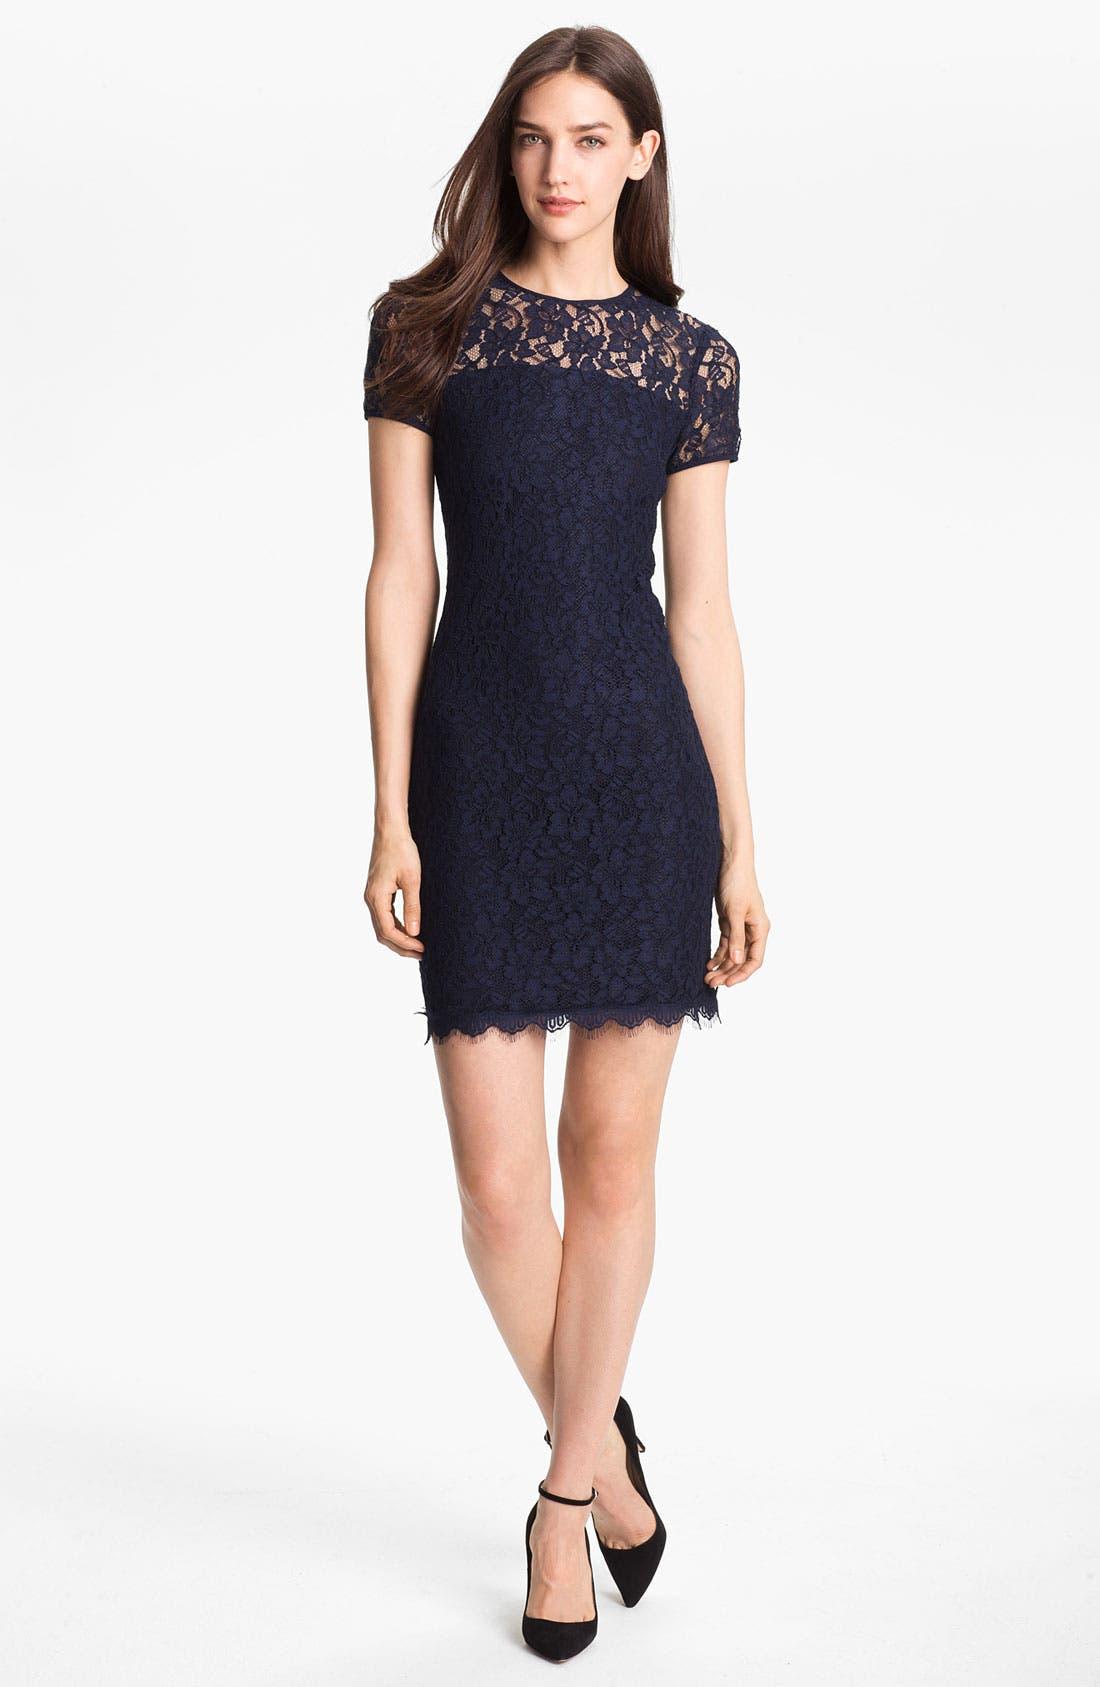 Alternate Image 1 Selected - Diane von Furstenberg 'Barbie' Lace Shift Dress